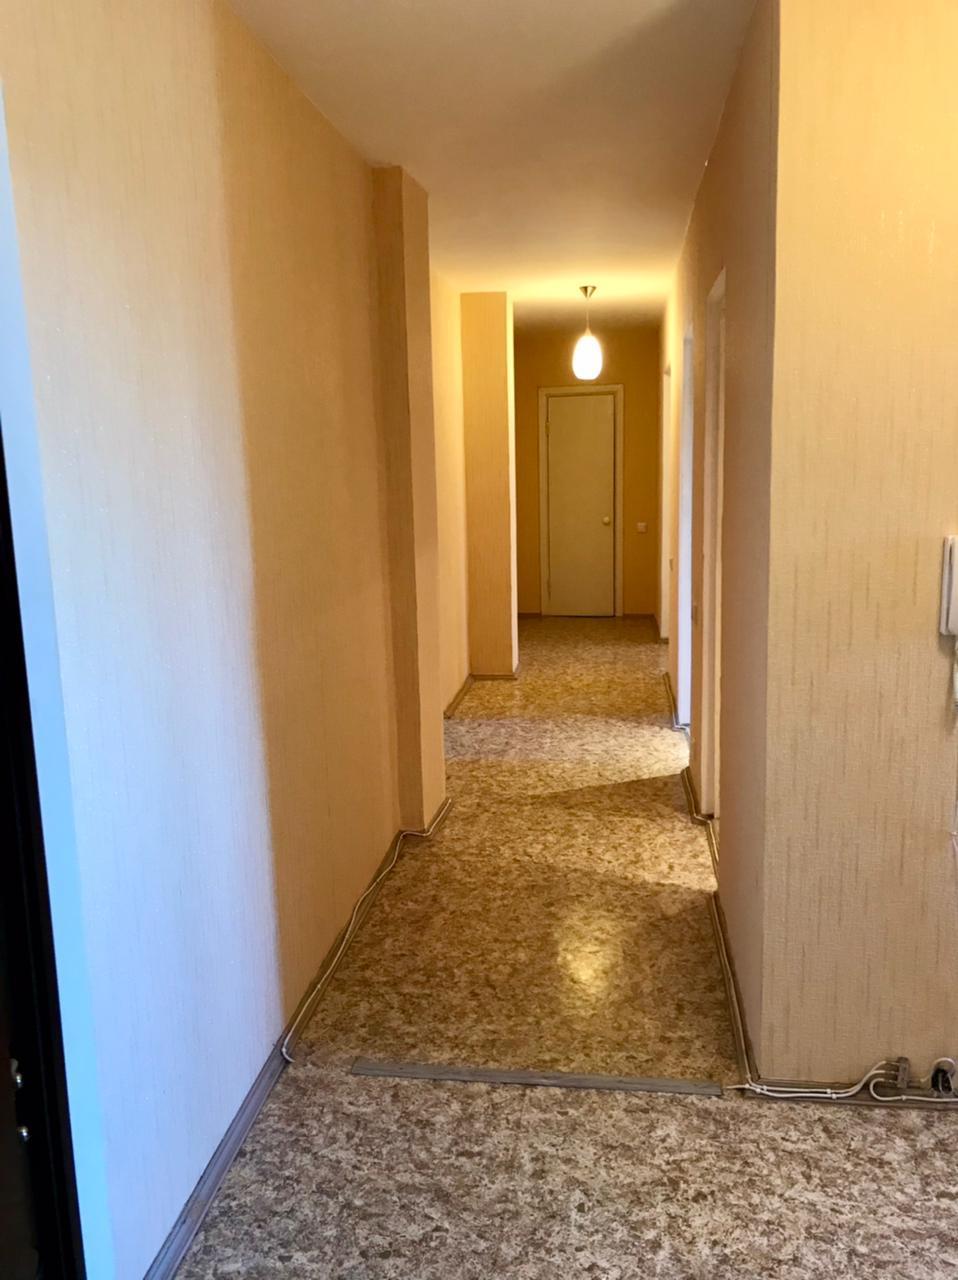 Аренда 2-комнатной квартиры, г. Тольятти, Карбышева улица  дом 12